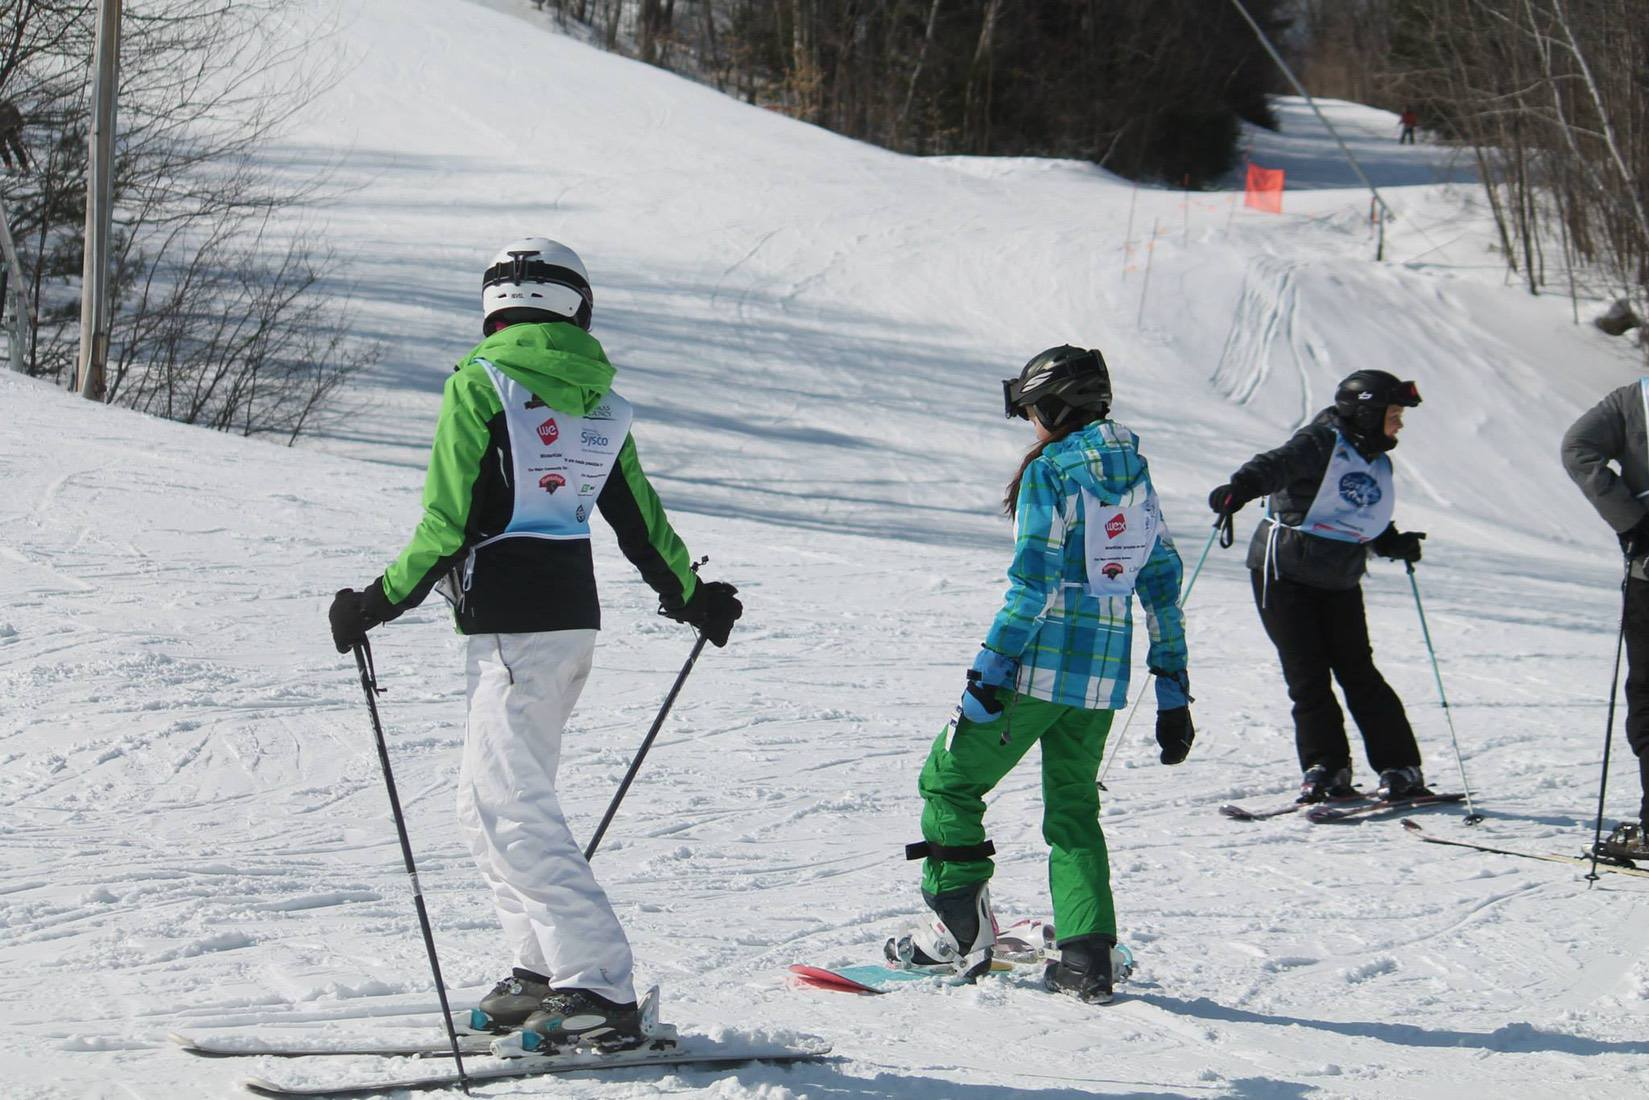 WinterKids Downhill24 2015 Mount Abram131